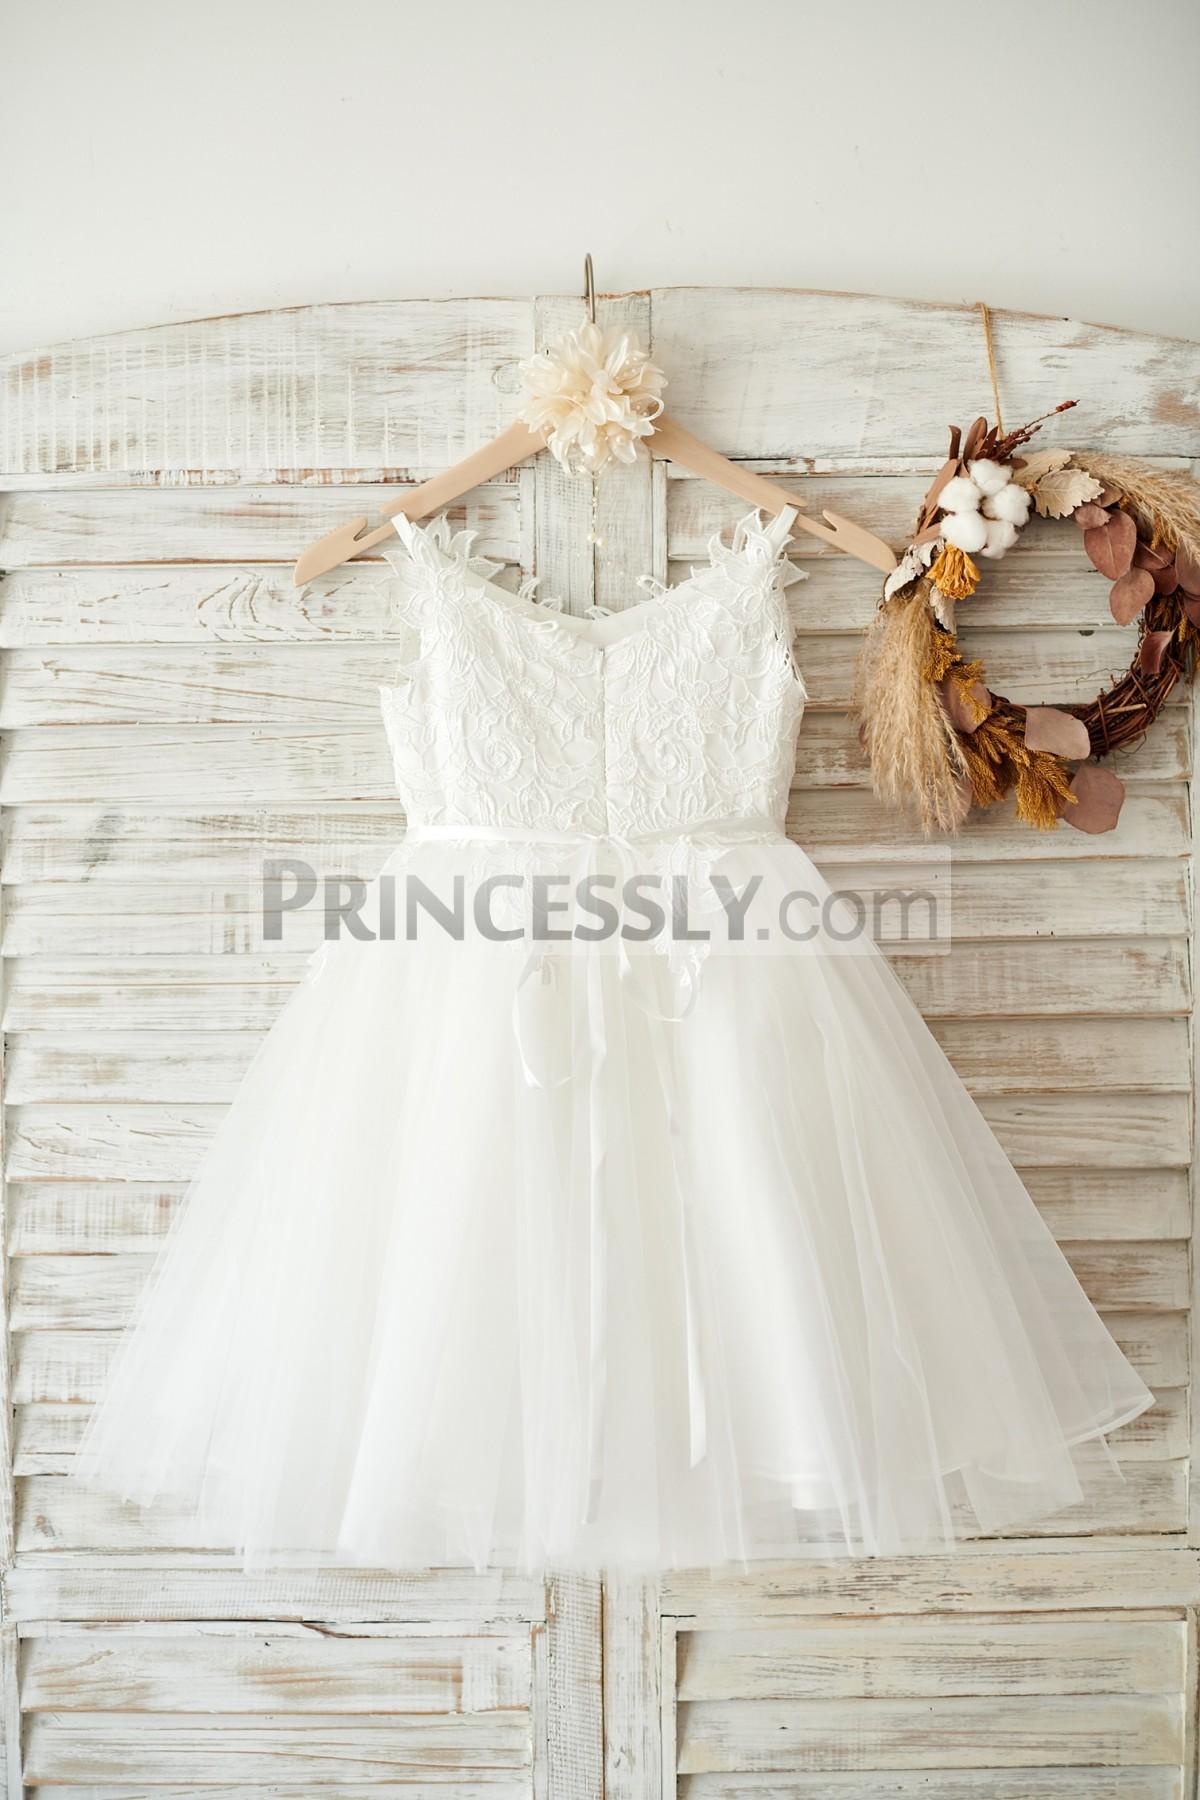 V neck Pleated Tulle Fully Lined Wedding Little Girl Dress